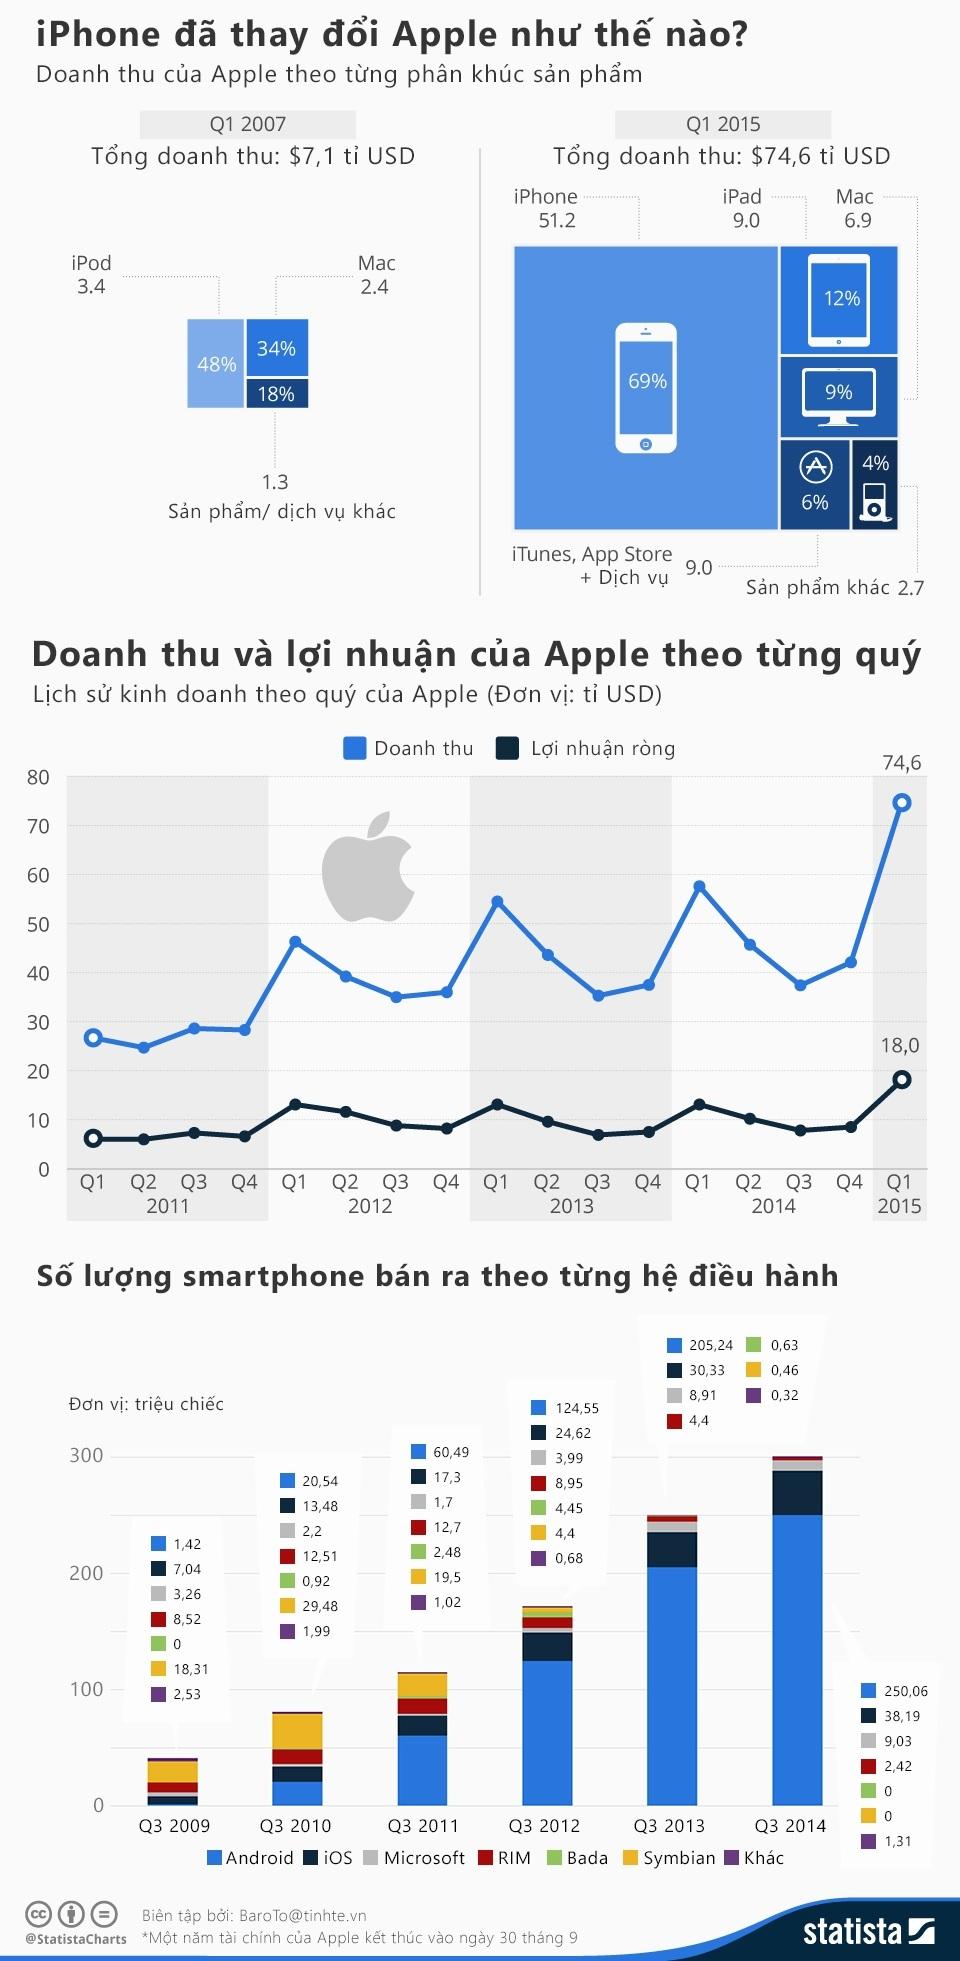 Infographic - iPhone đã thay đổi Apple như thế nào?